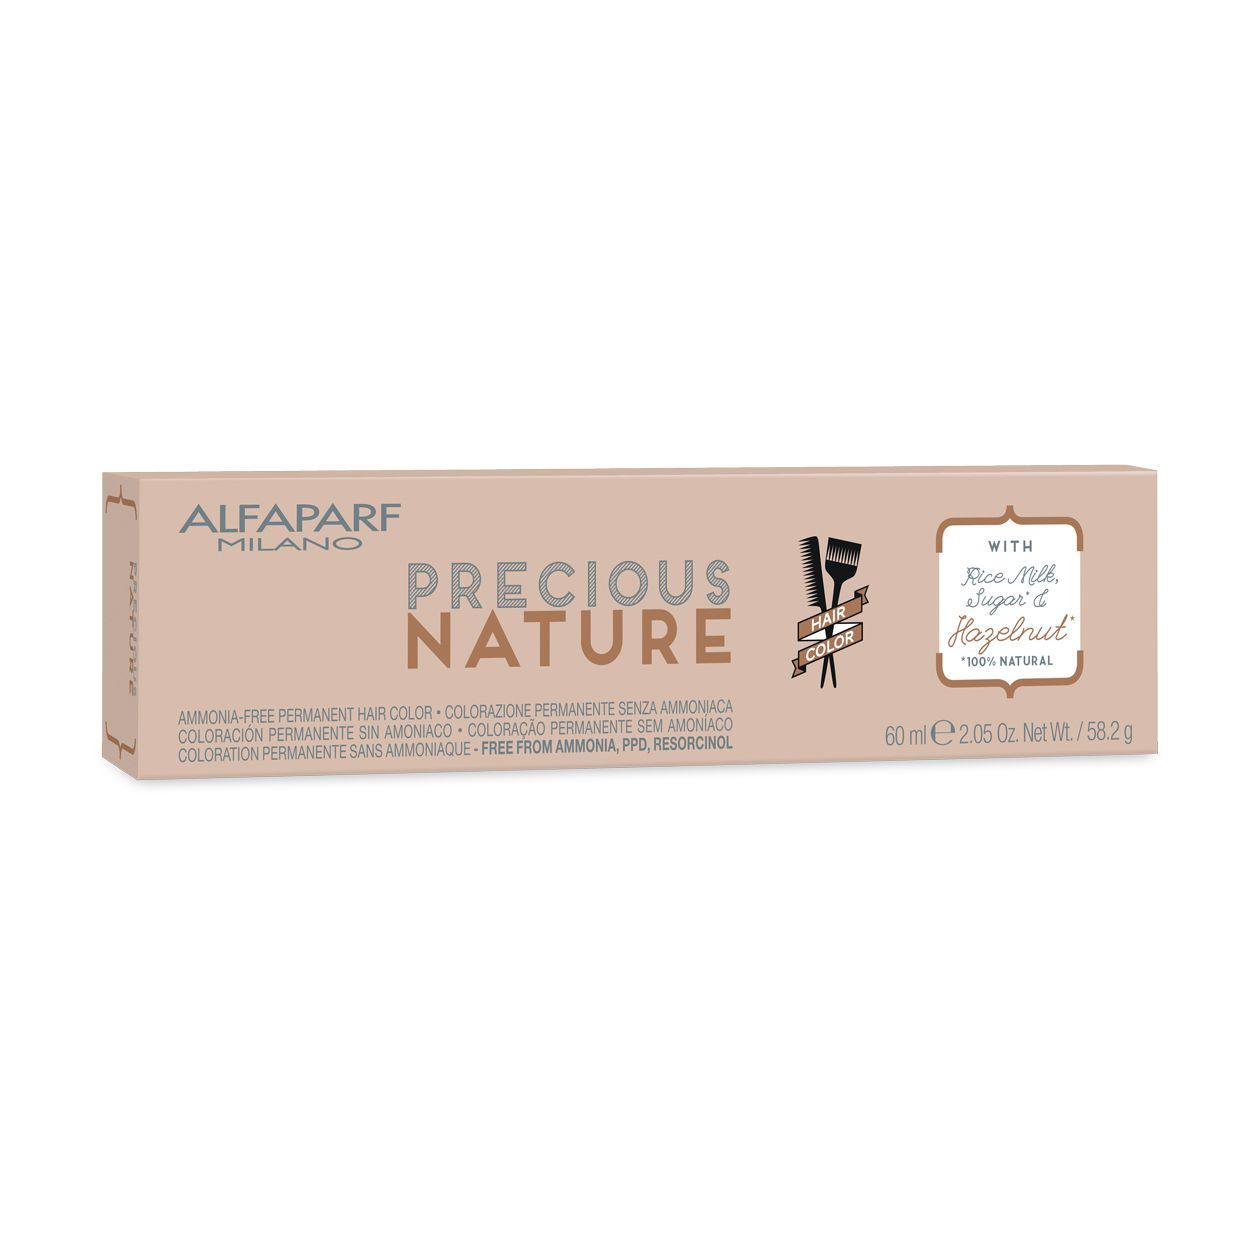 Alfaparf Milano Precious Nature Hair Color Creme de Coloração 7.01 Louro Médio Nacré 60ml